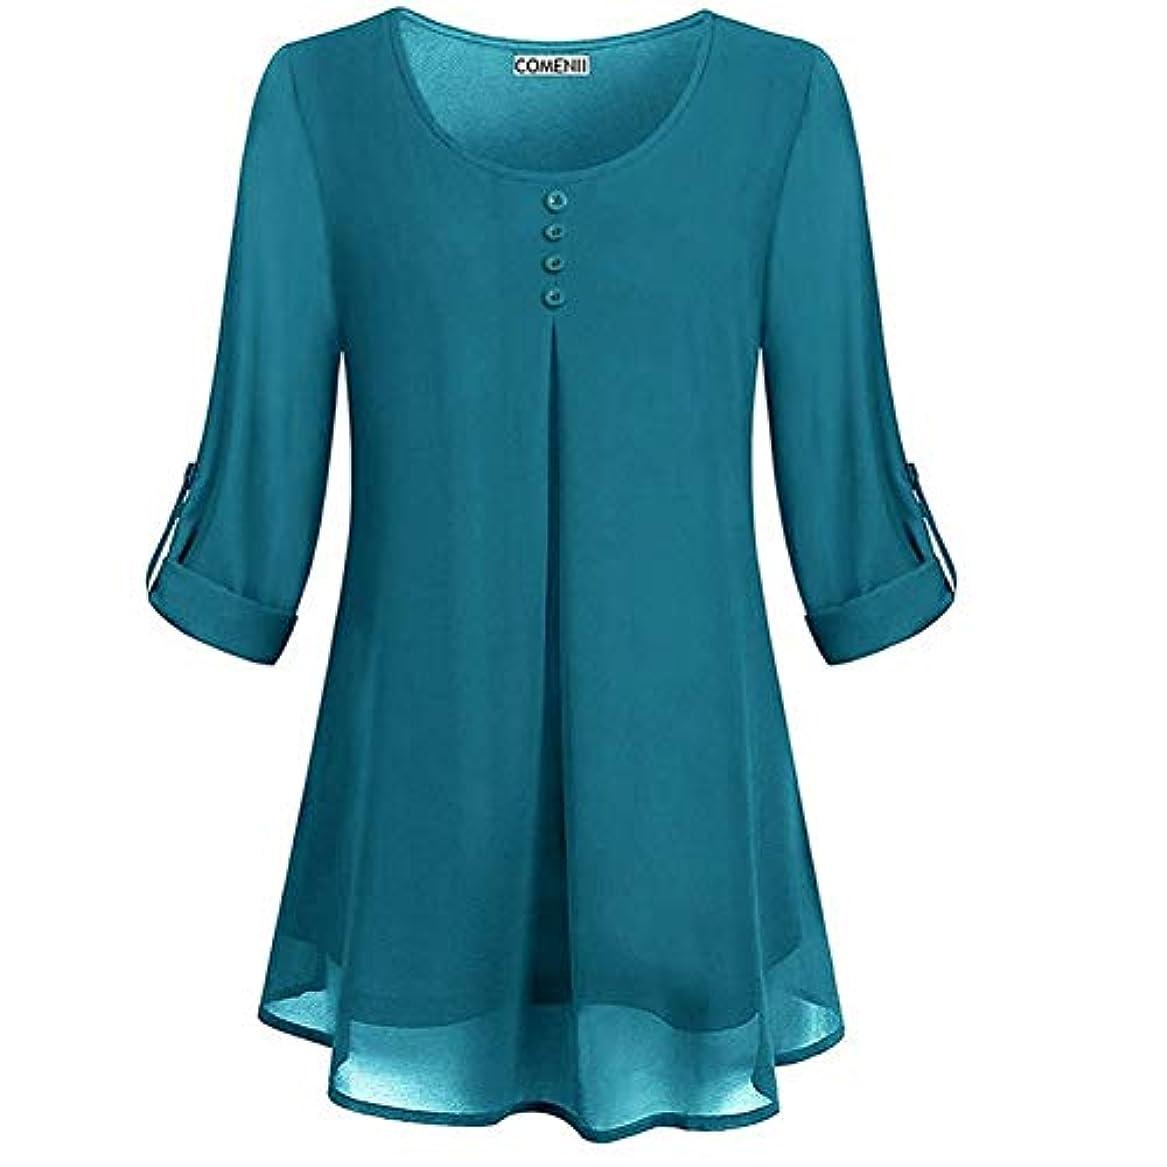 ジャンル概して参加するMIFAN の女性のドレスカジュアルな不規則なドレスルースサマービーチTシャツドレス